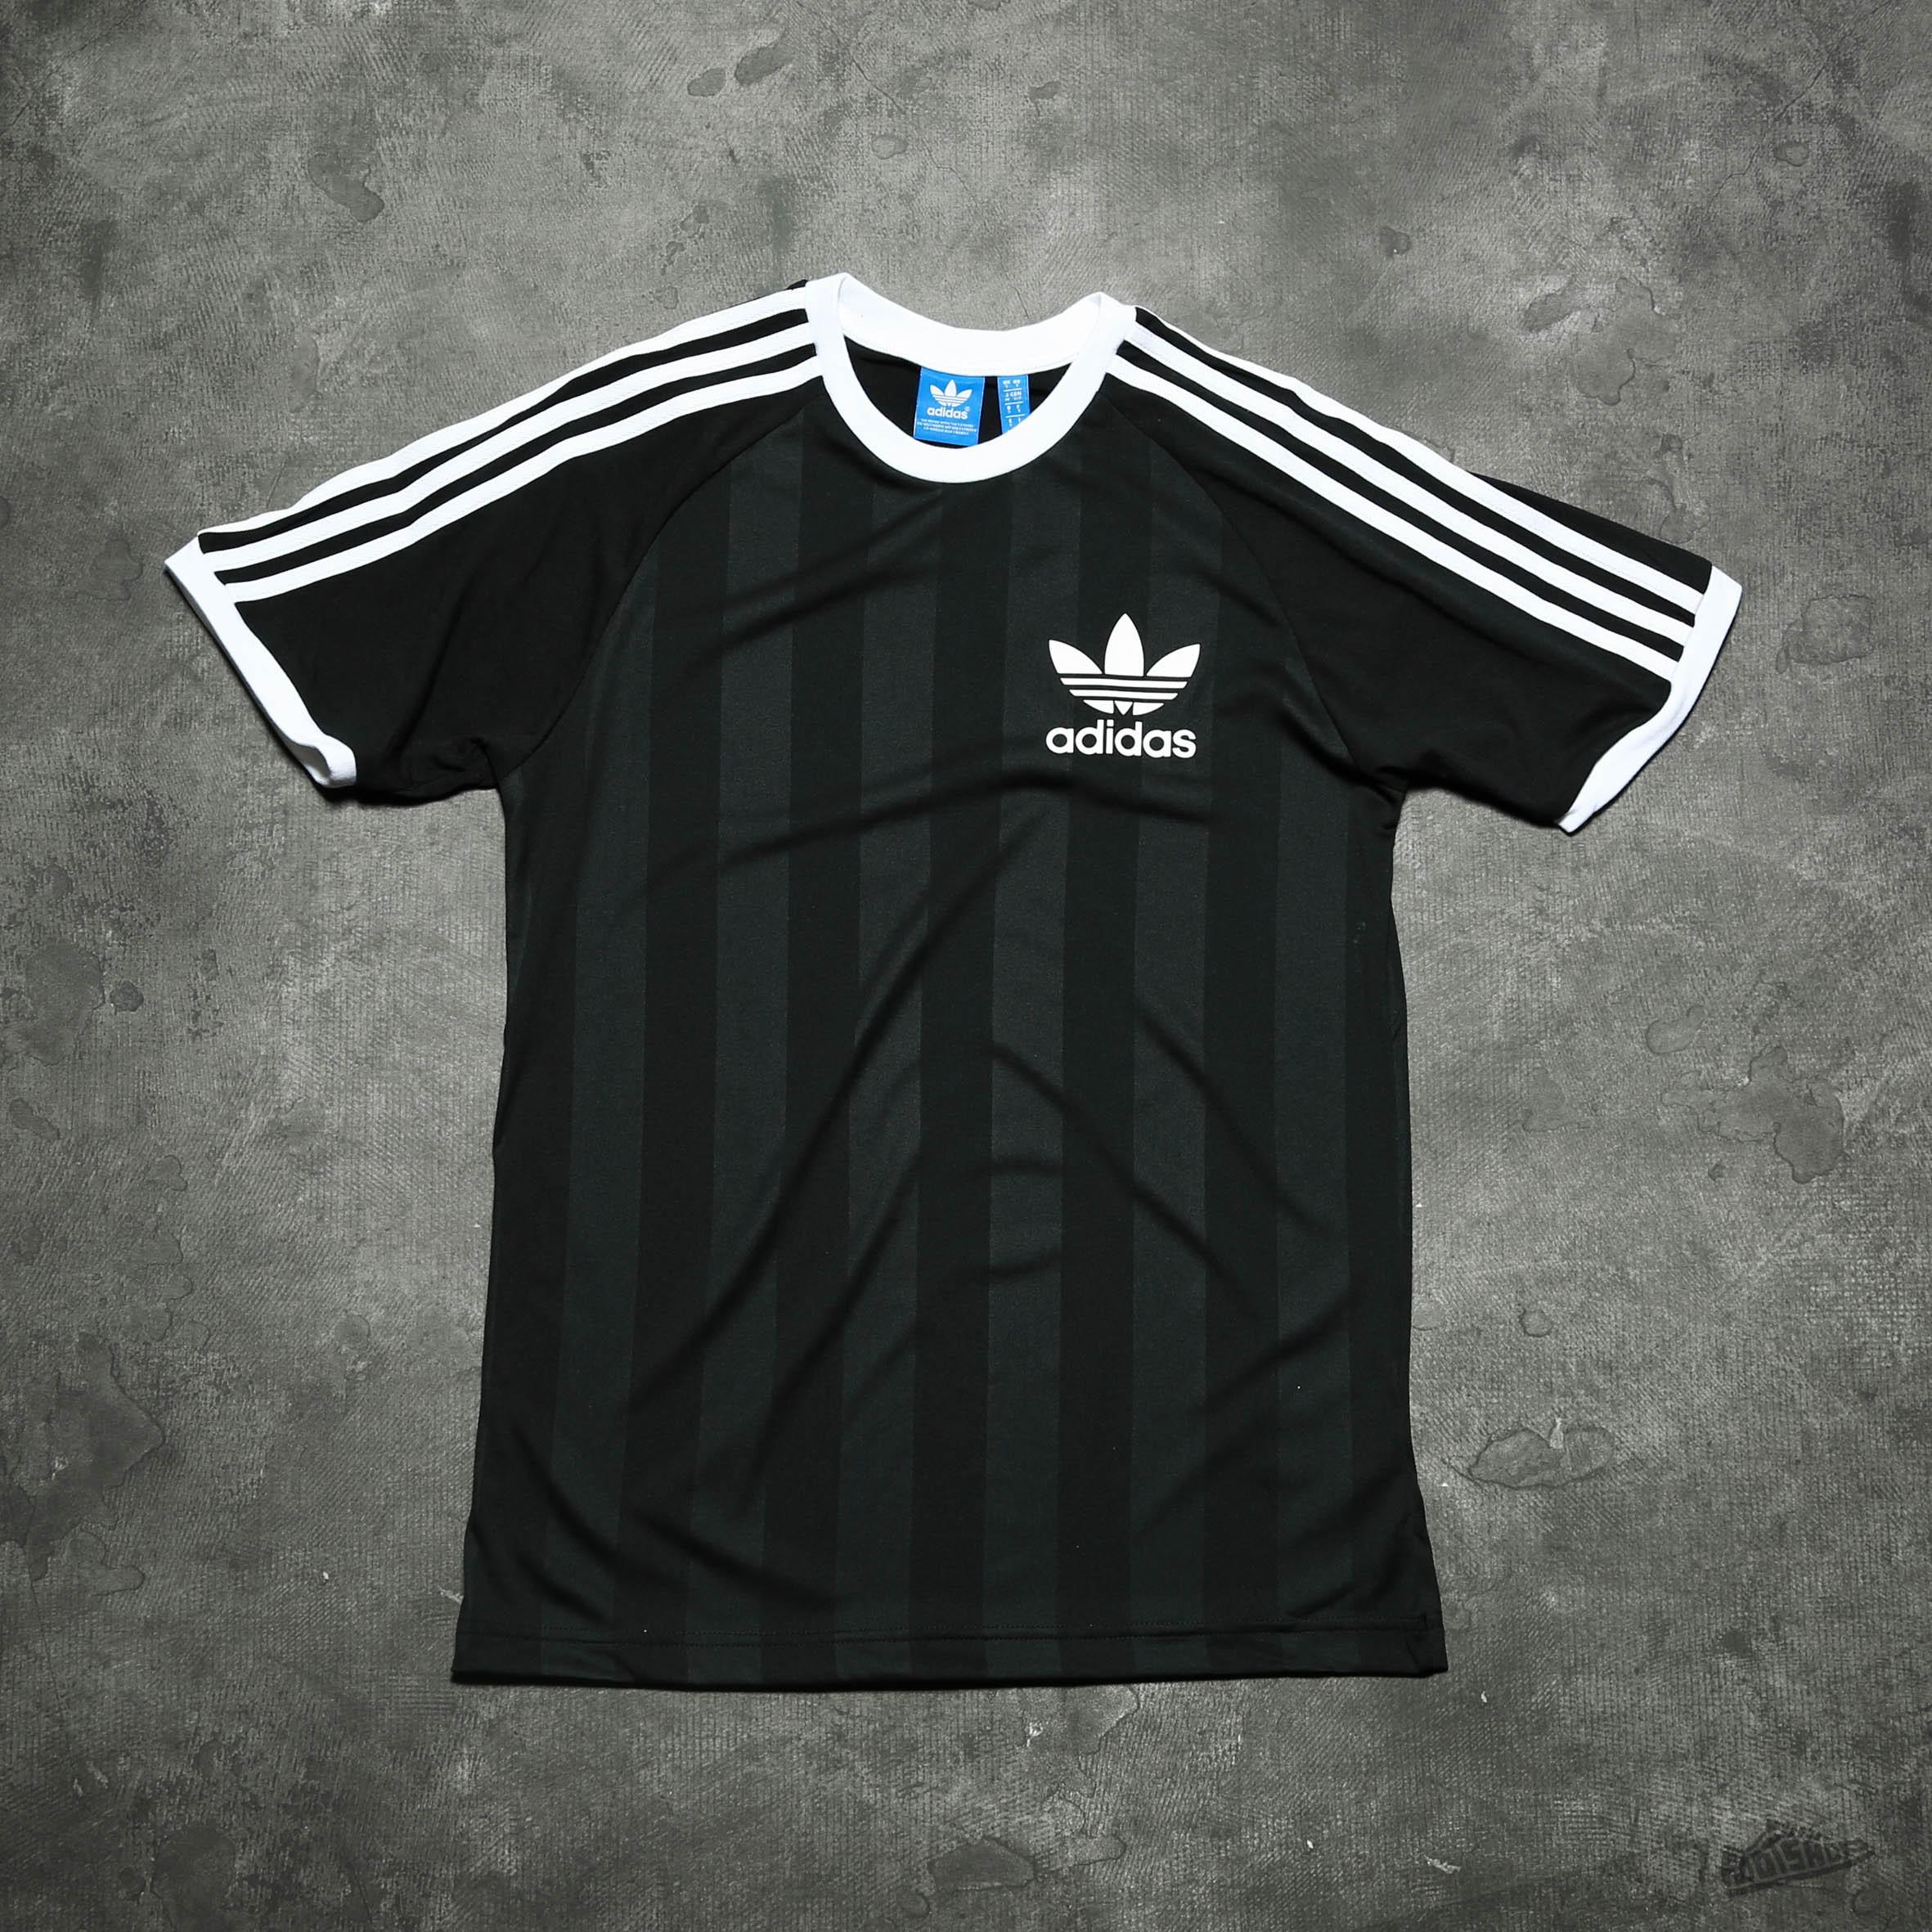 341dfc3c2e06ab adidas California Tee Black